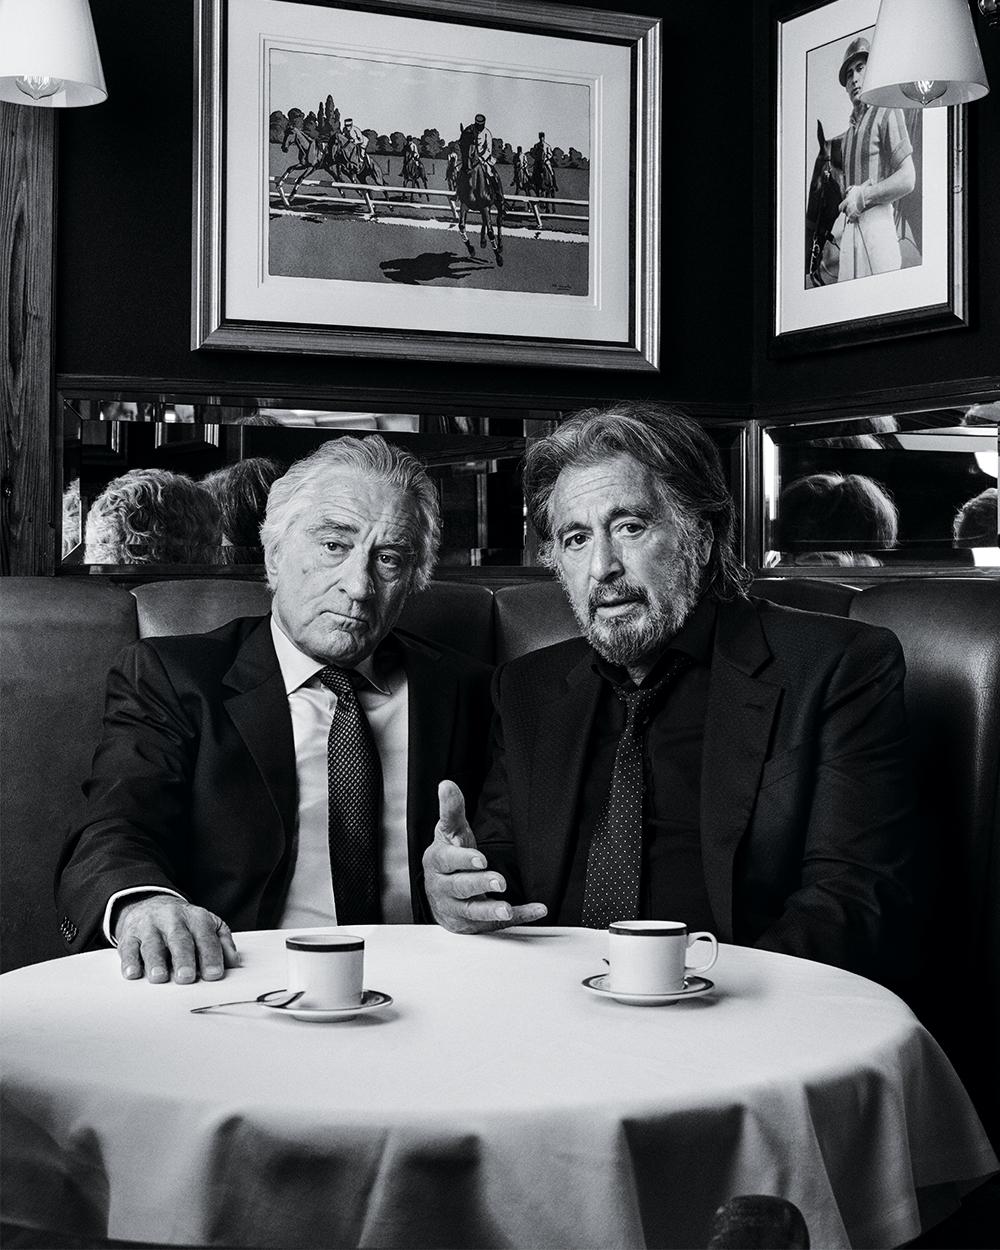 Variety Al Pacino Robert Di Niro New York Issue The Irishman